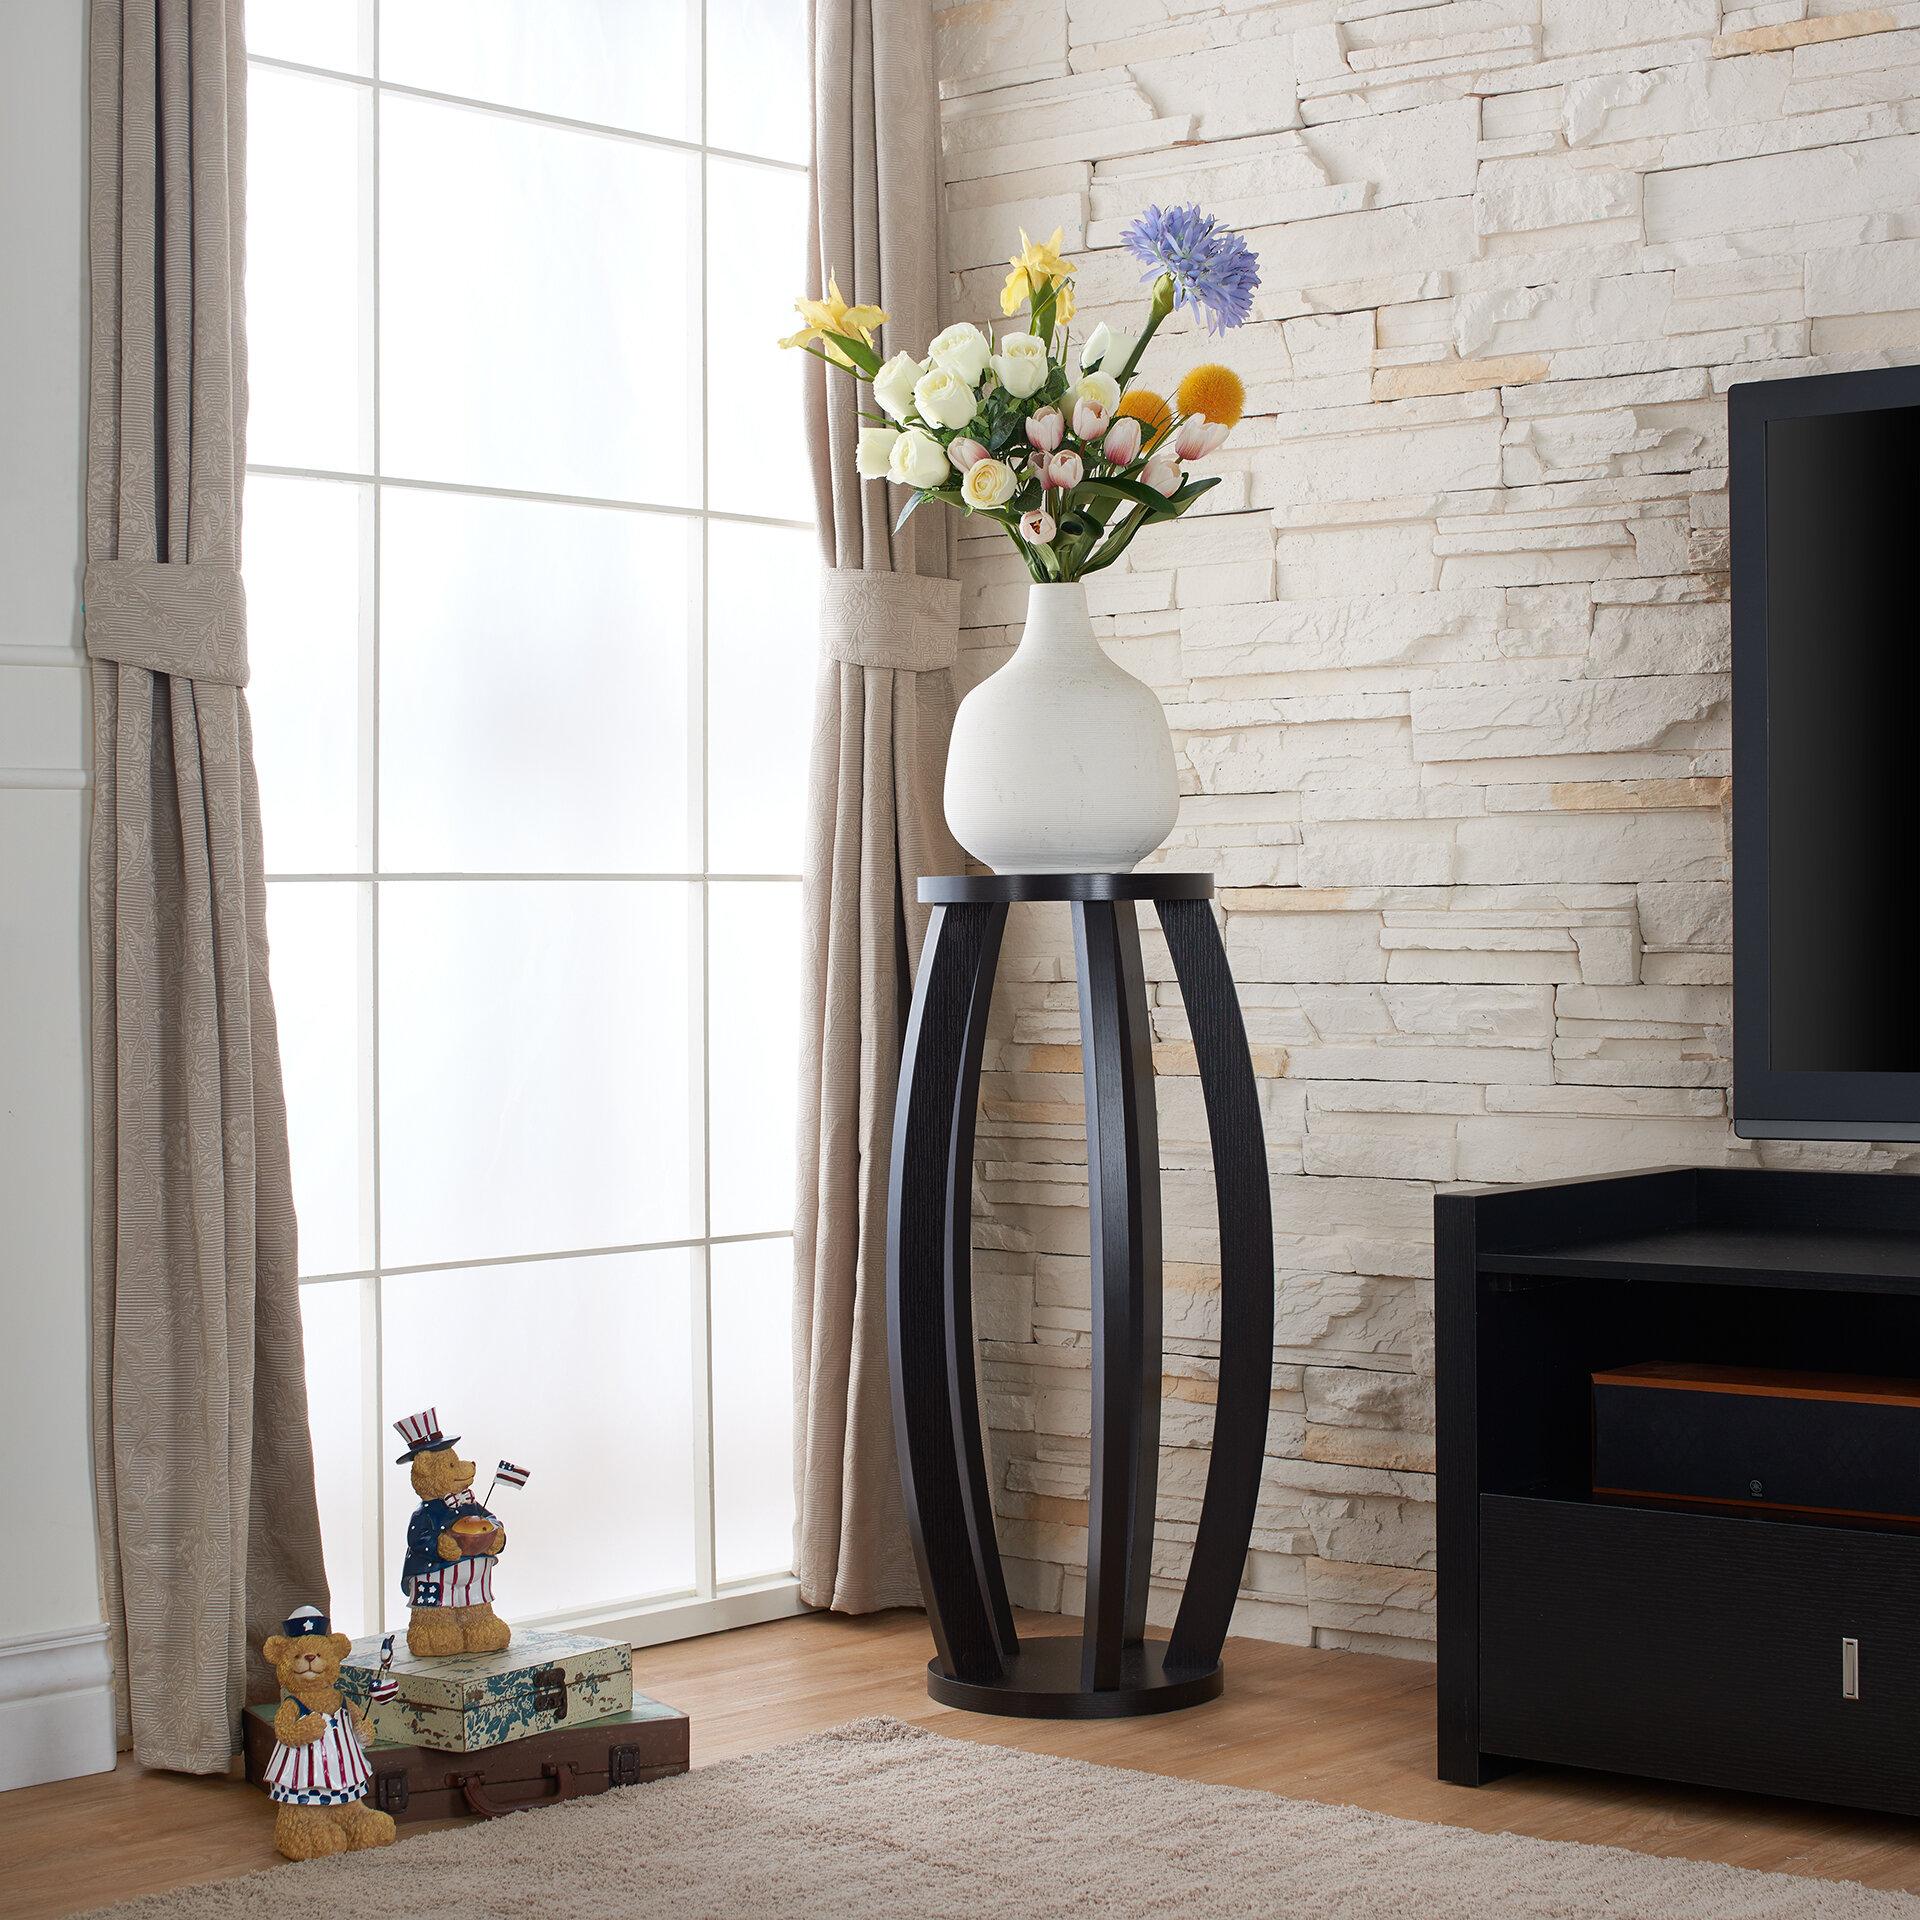 Alcott hill newbern pedestal plant stand reviews wayfair reviewsmspy